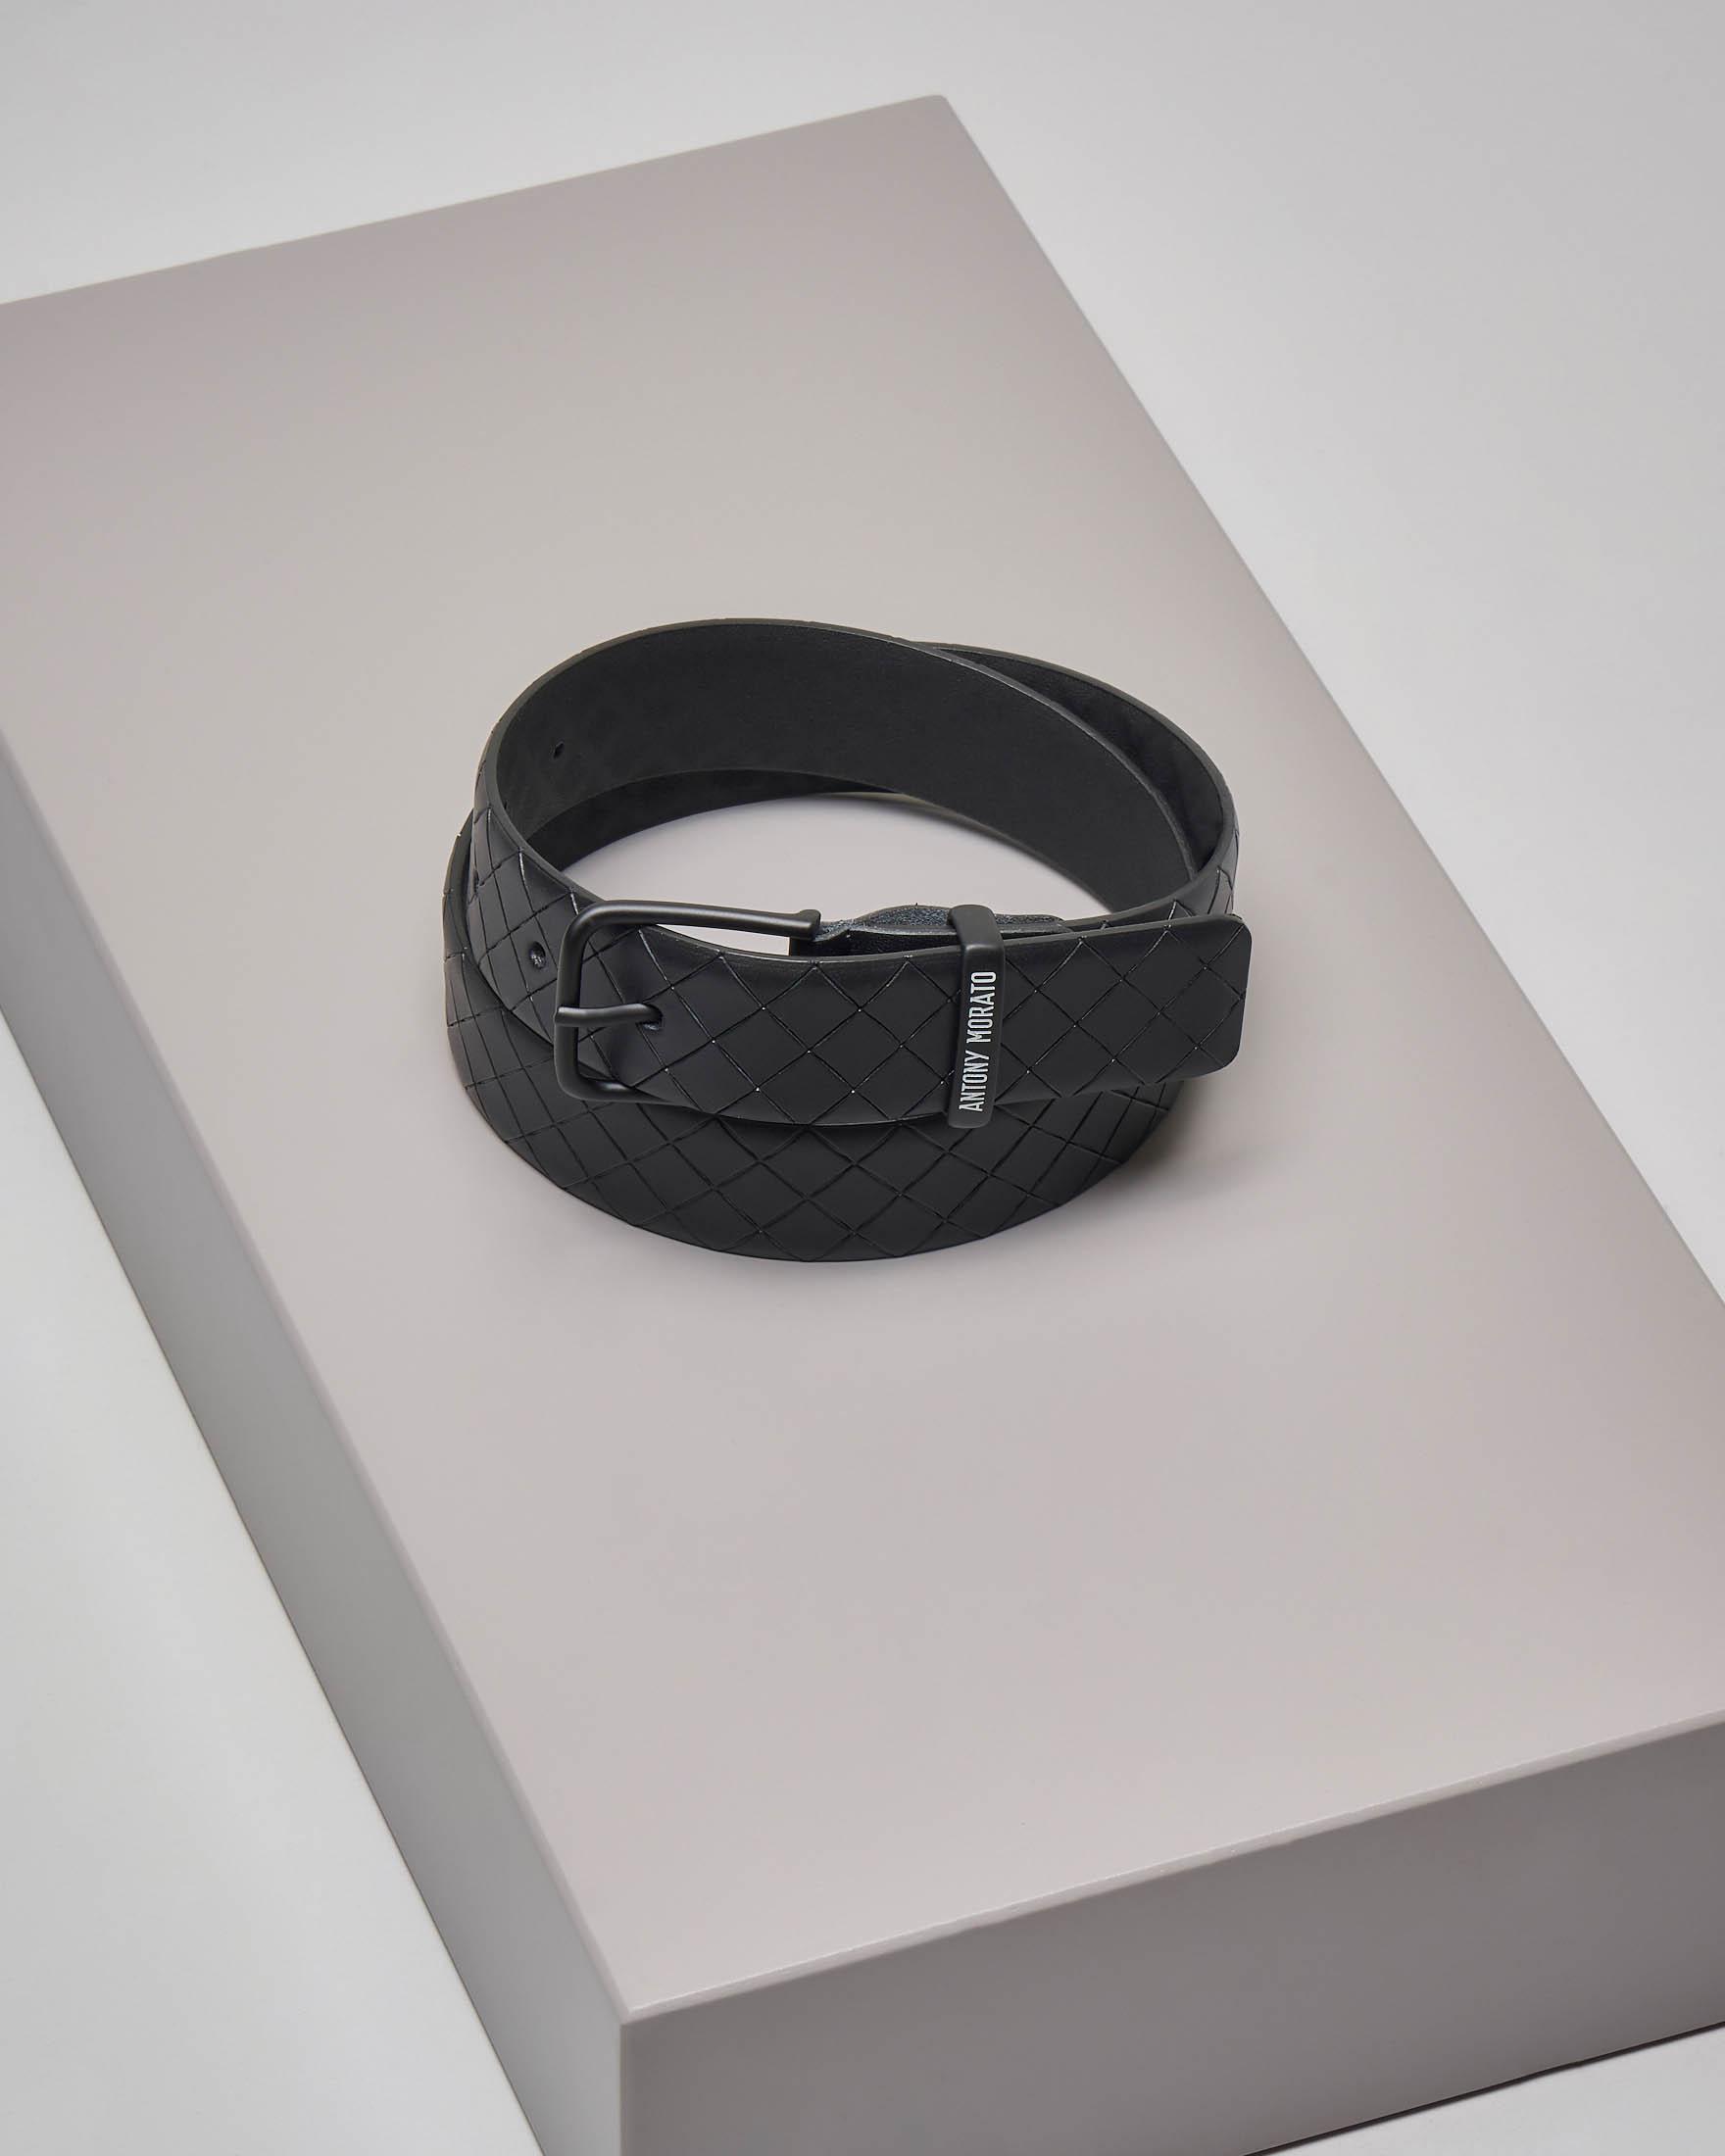 Cintura nera in pelle con incisioni a rombi e passane logato